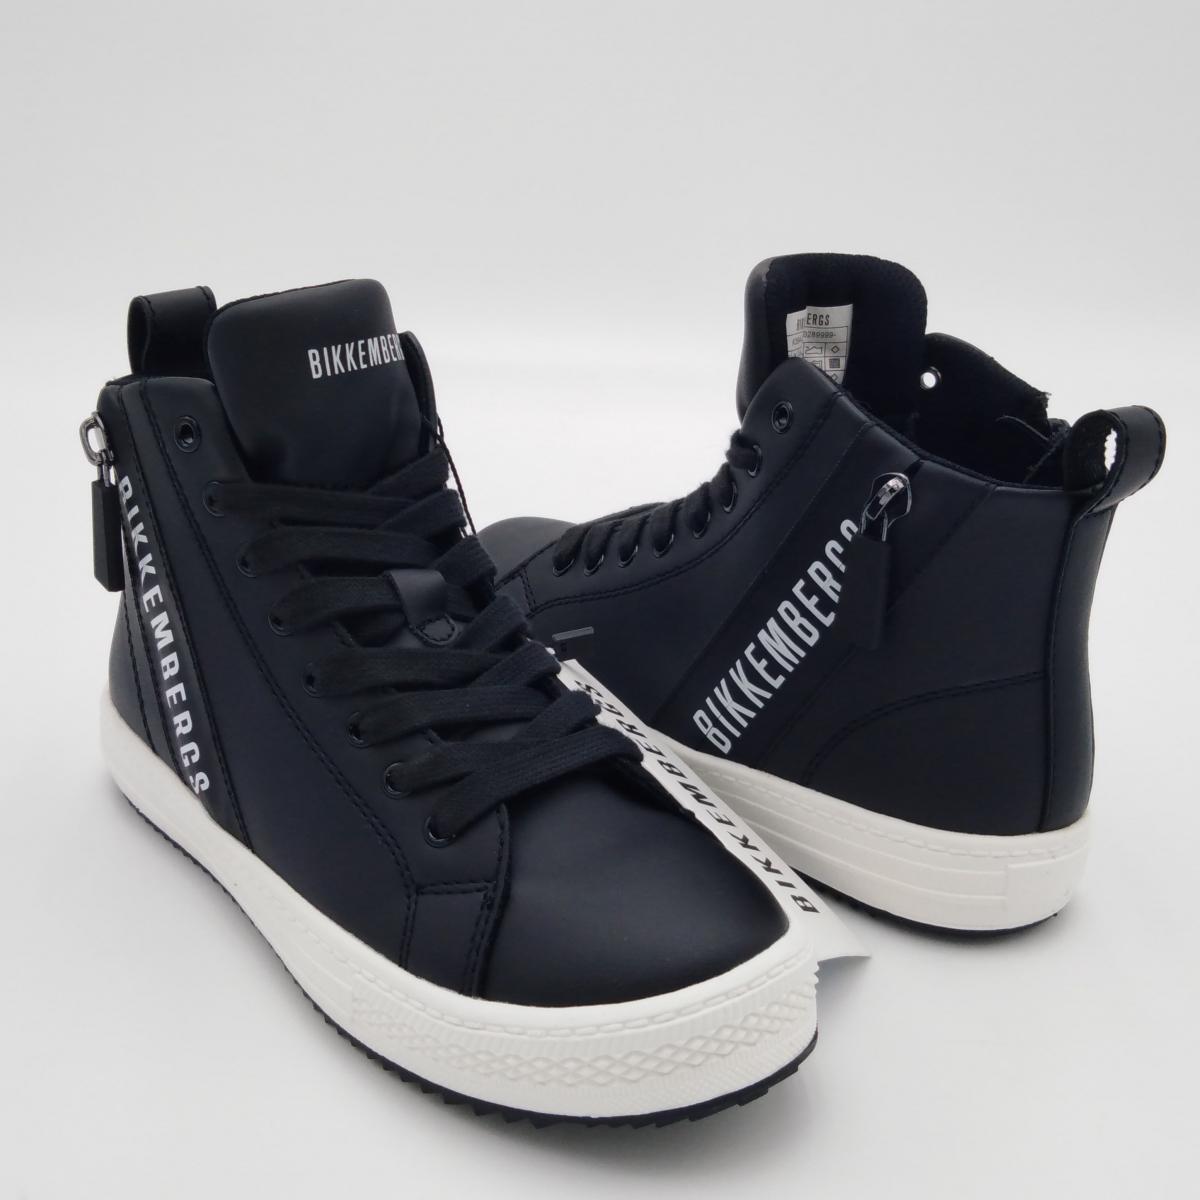 Bikkembergs -Sneaker alta...